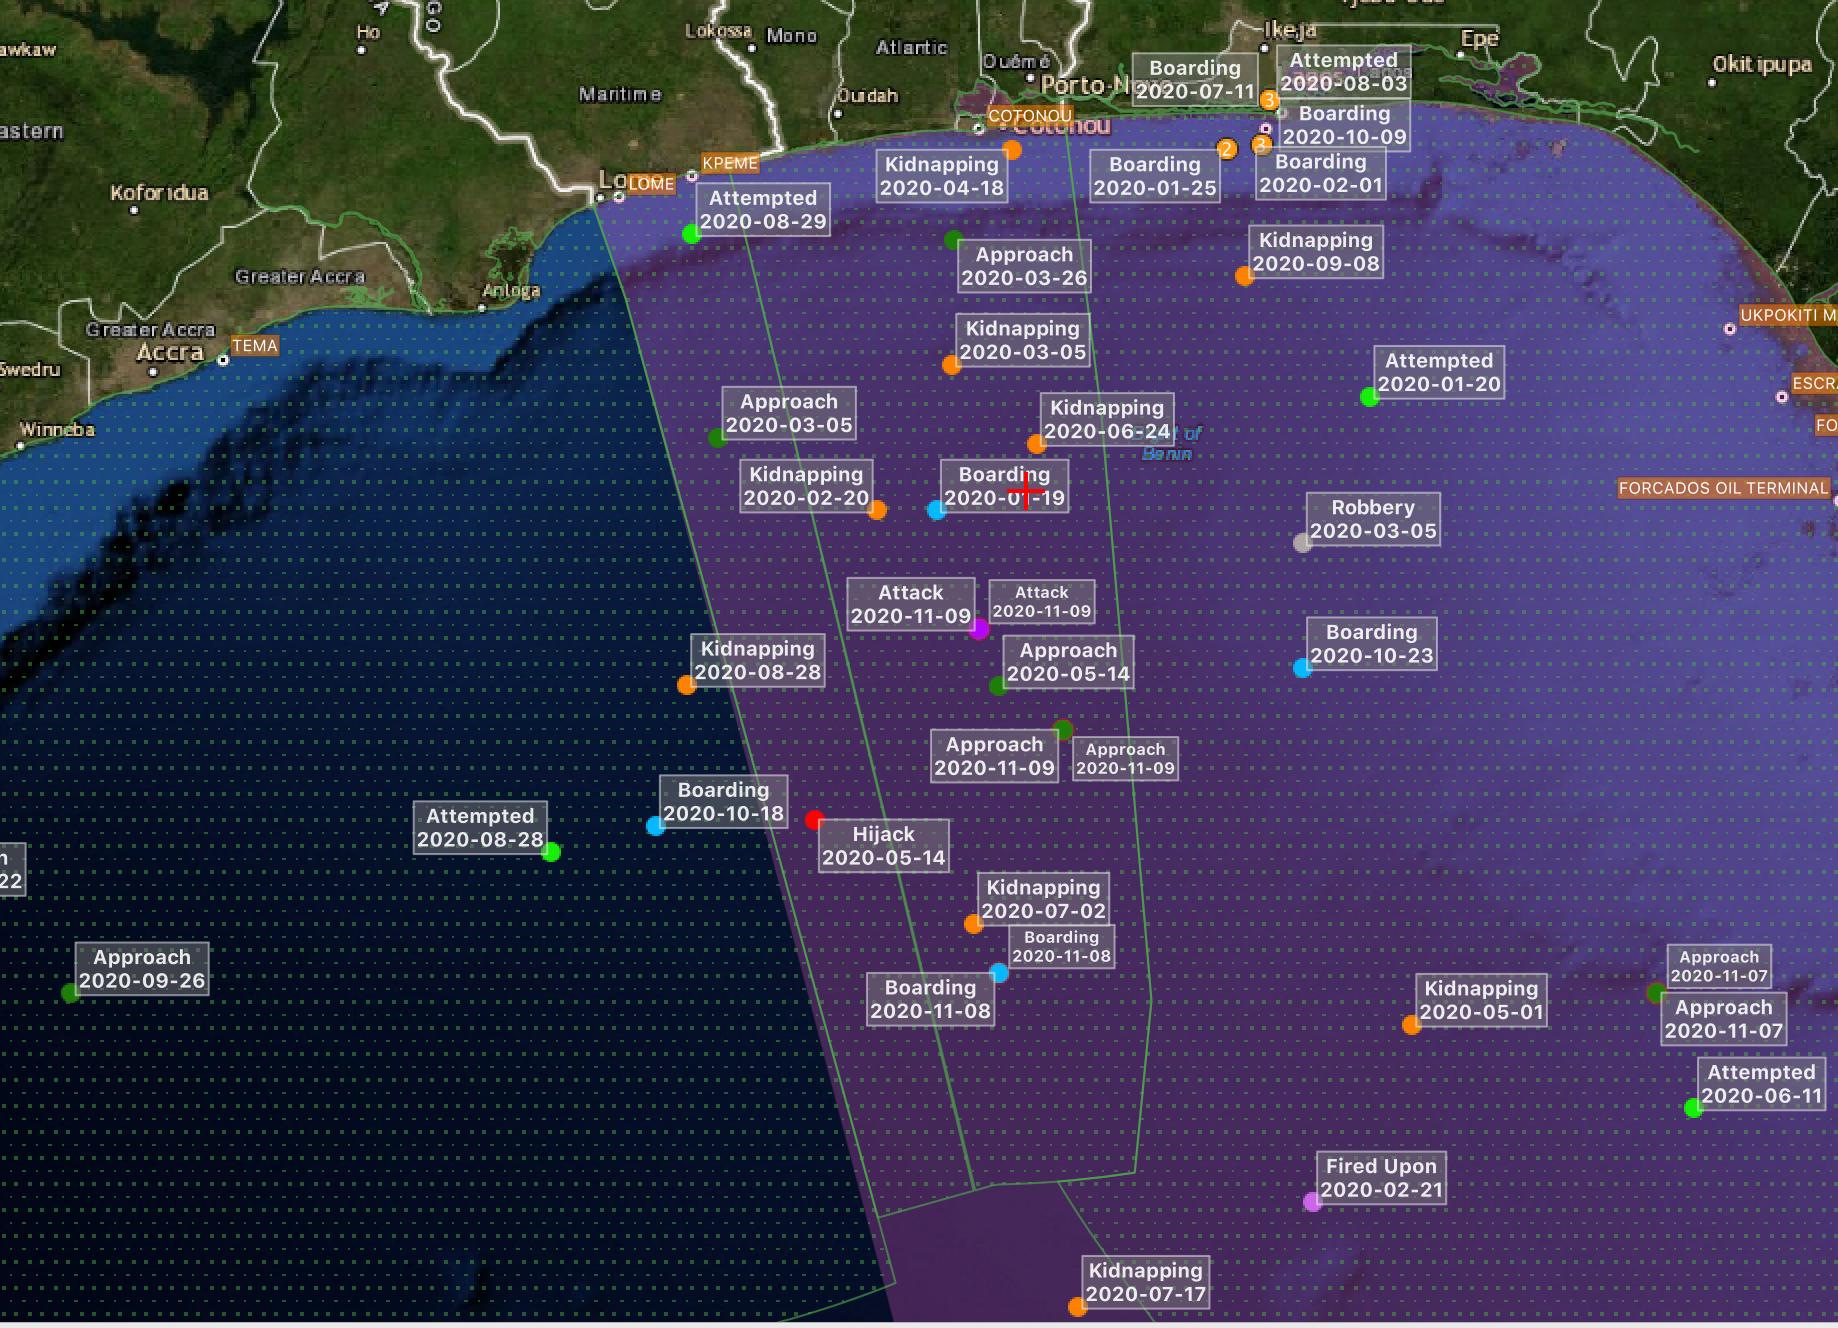 MV AGISILAOS (IMO: 9315745)